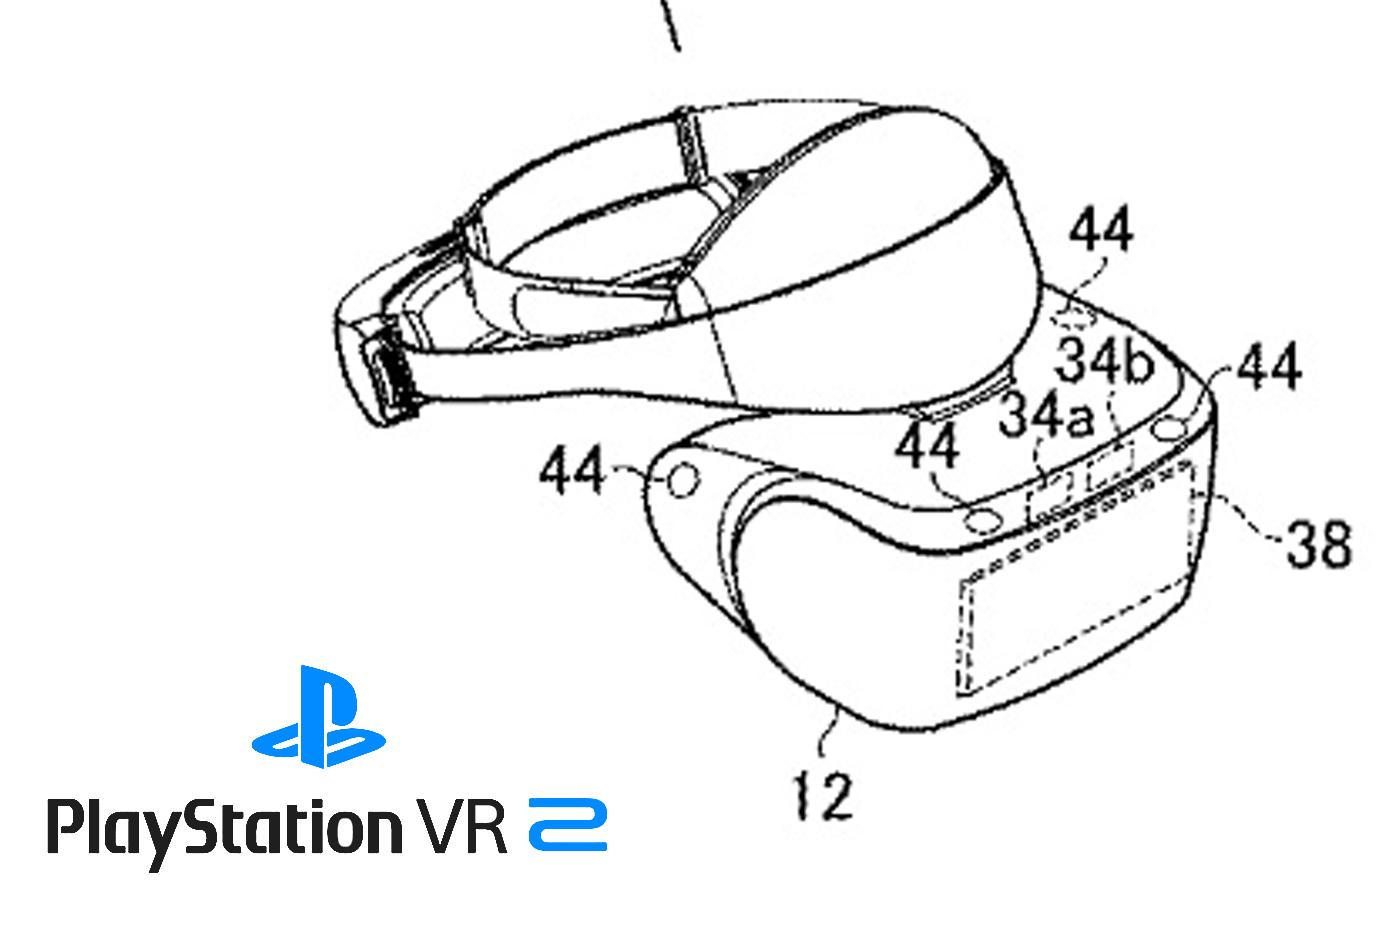 Un Nouveau Brevet De Sony Devoile Un Playstation Vr Sans Fil